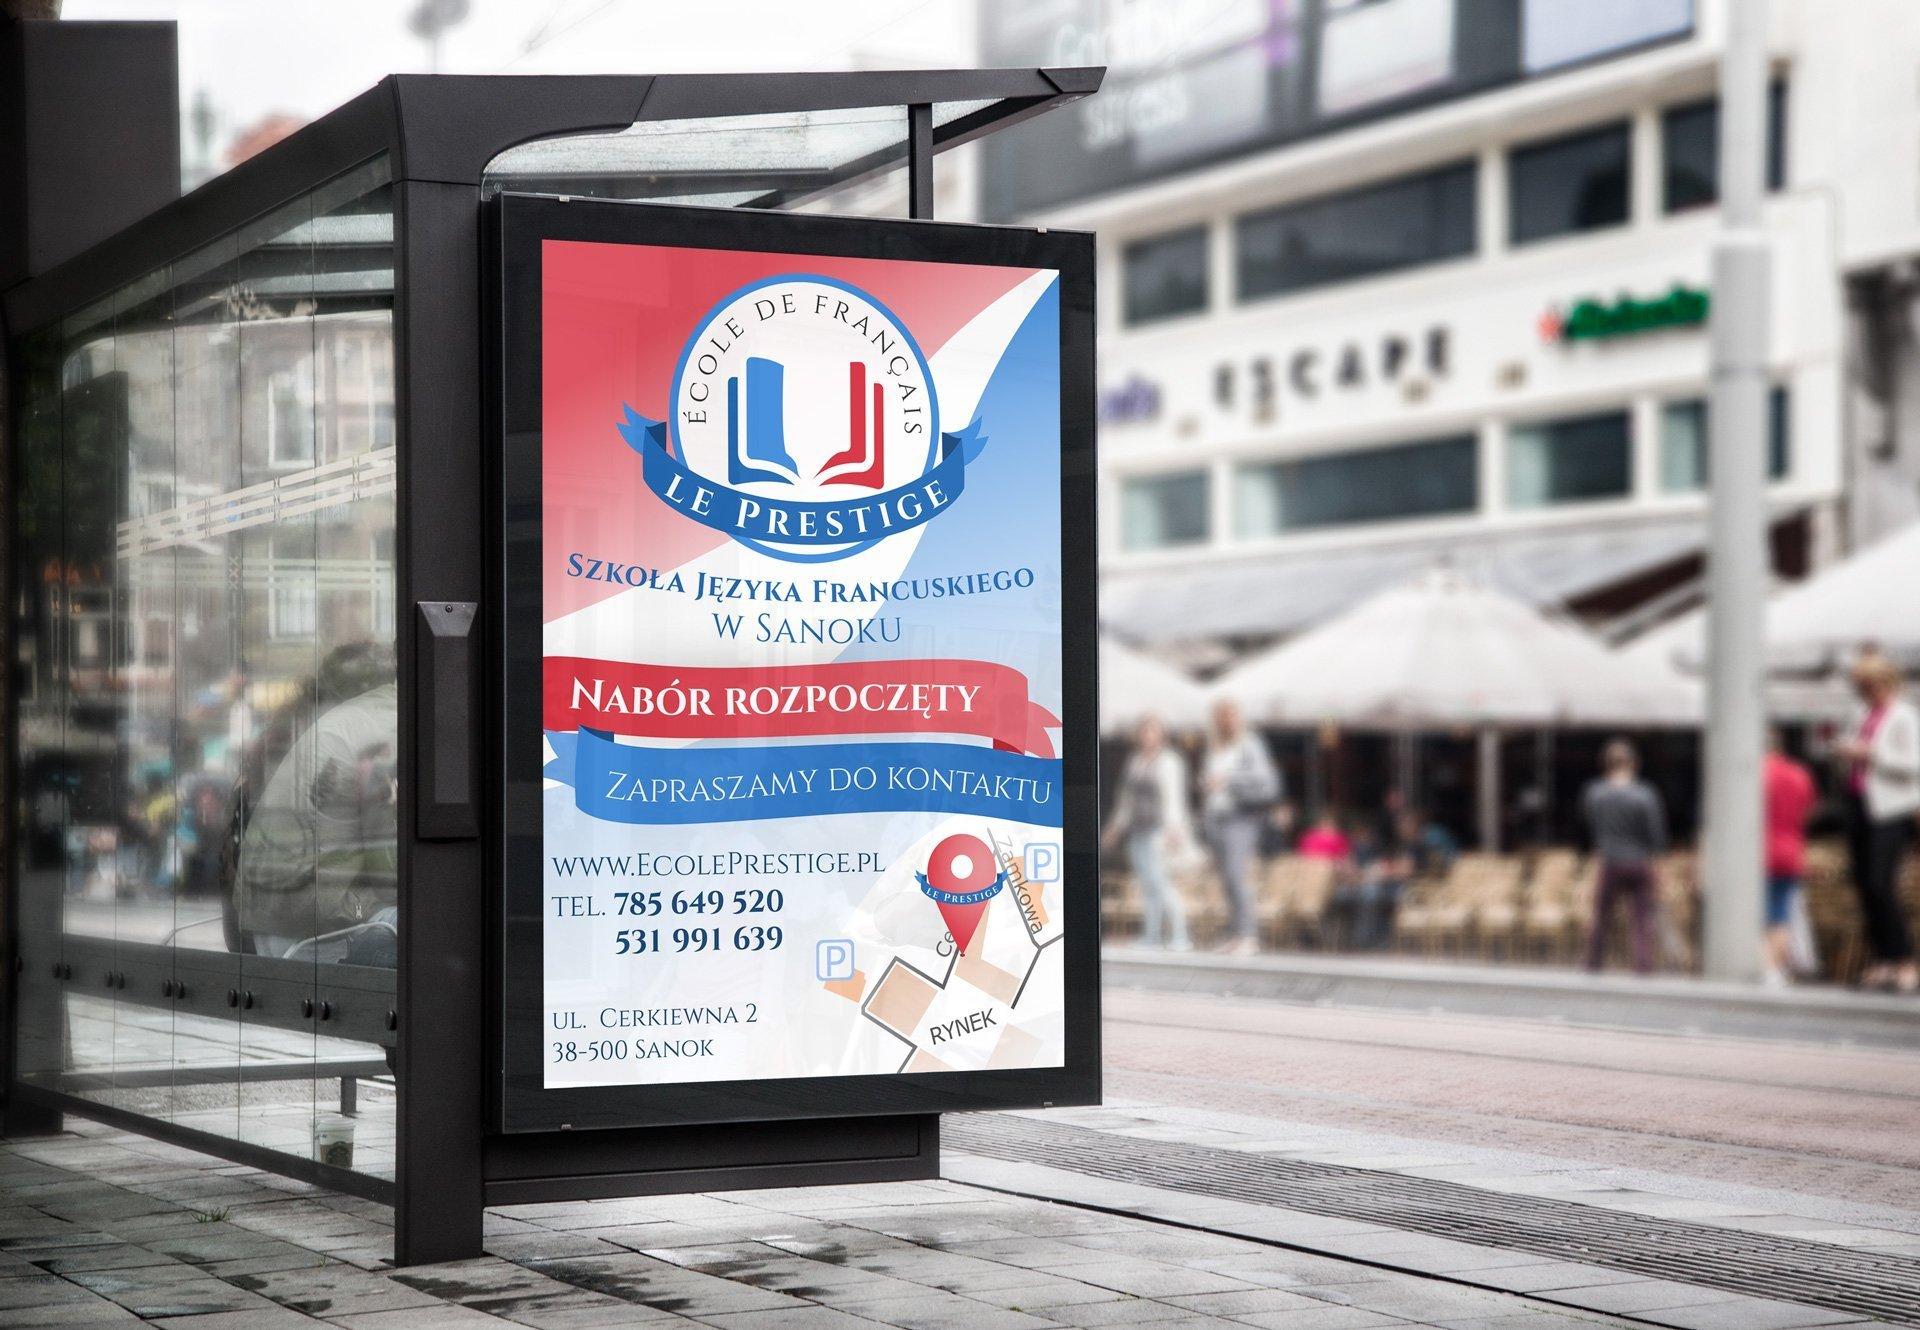 Przykładowy sposób prezentacji plakatu Szkoły Le Prestige - Citylight (by BBIG.PL)